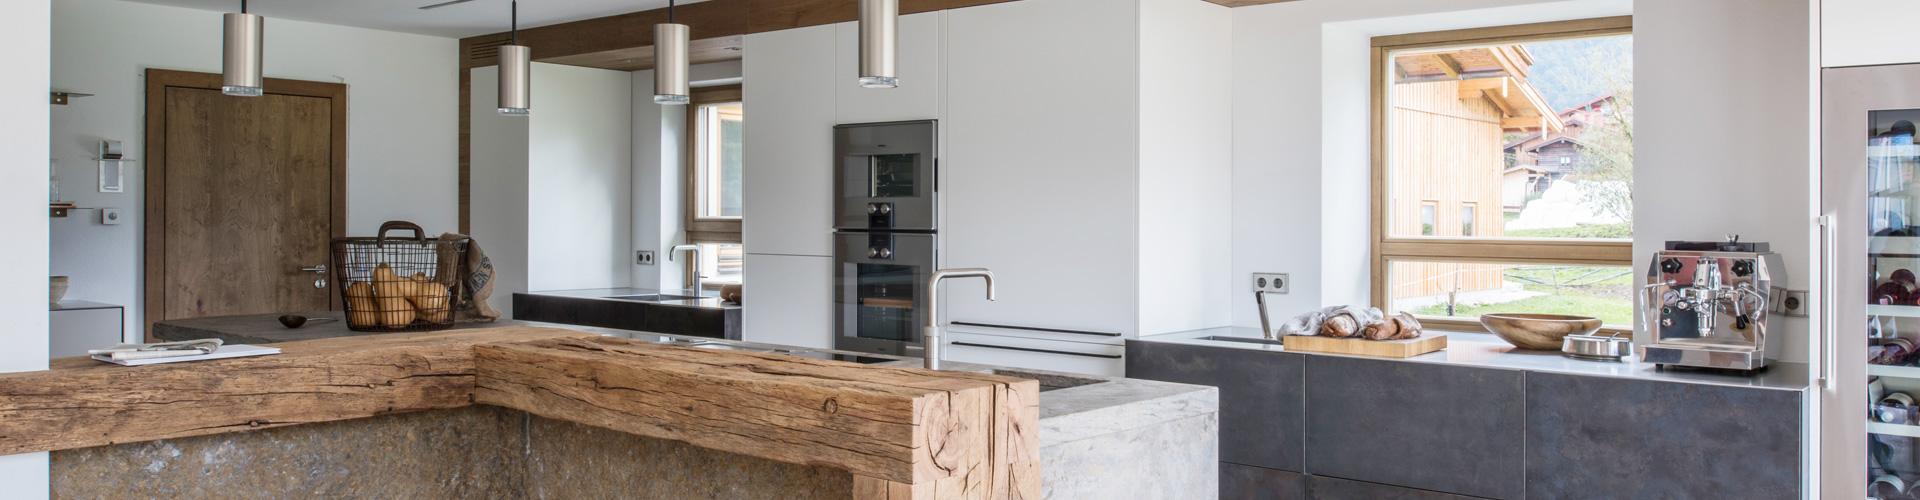 Altholz und Naturstein mit werkhausküchenideen